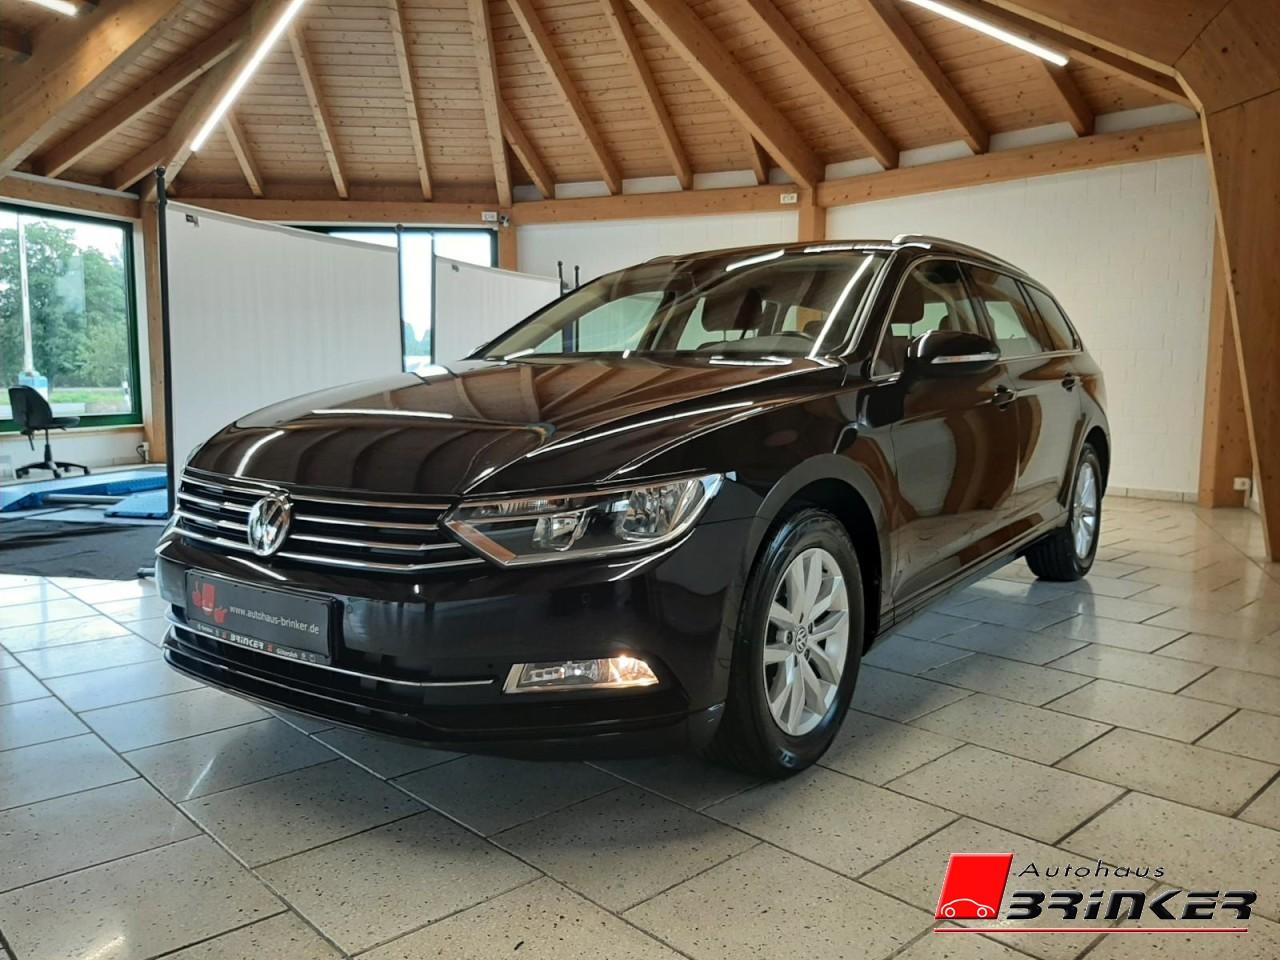 Volkswagen Passat Var. Comfortline 1.4 TSI, Navi, SHZ,MFL,, Jahr 2017, Benzin